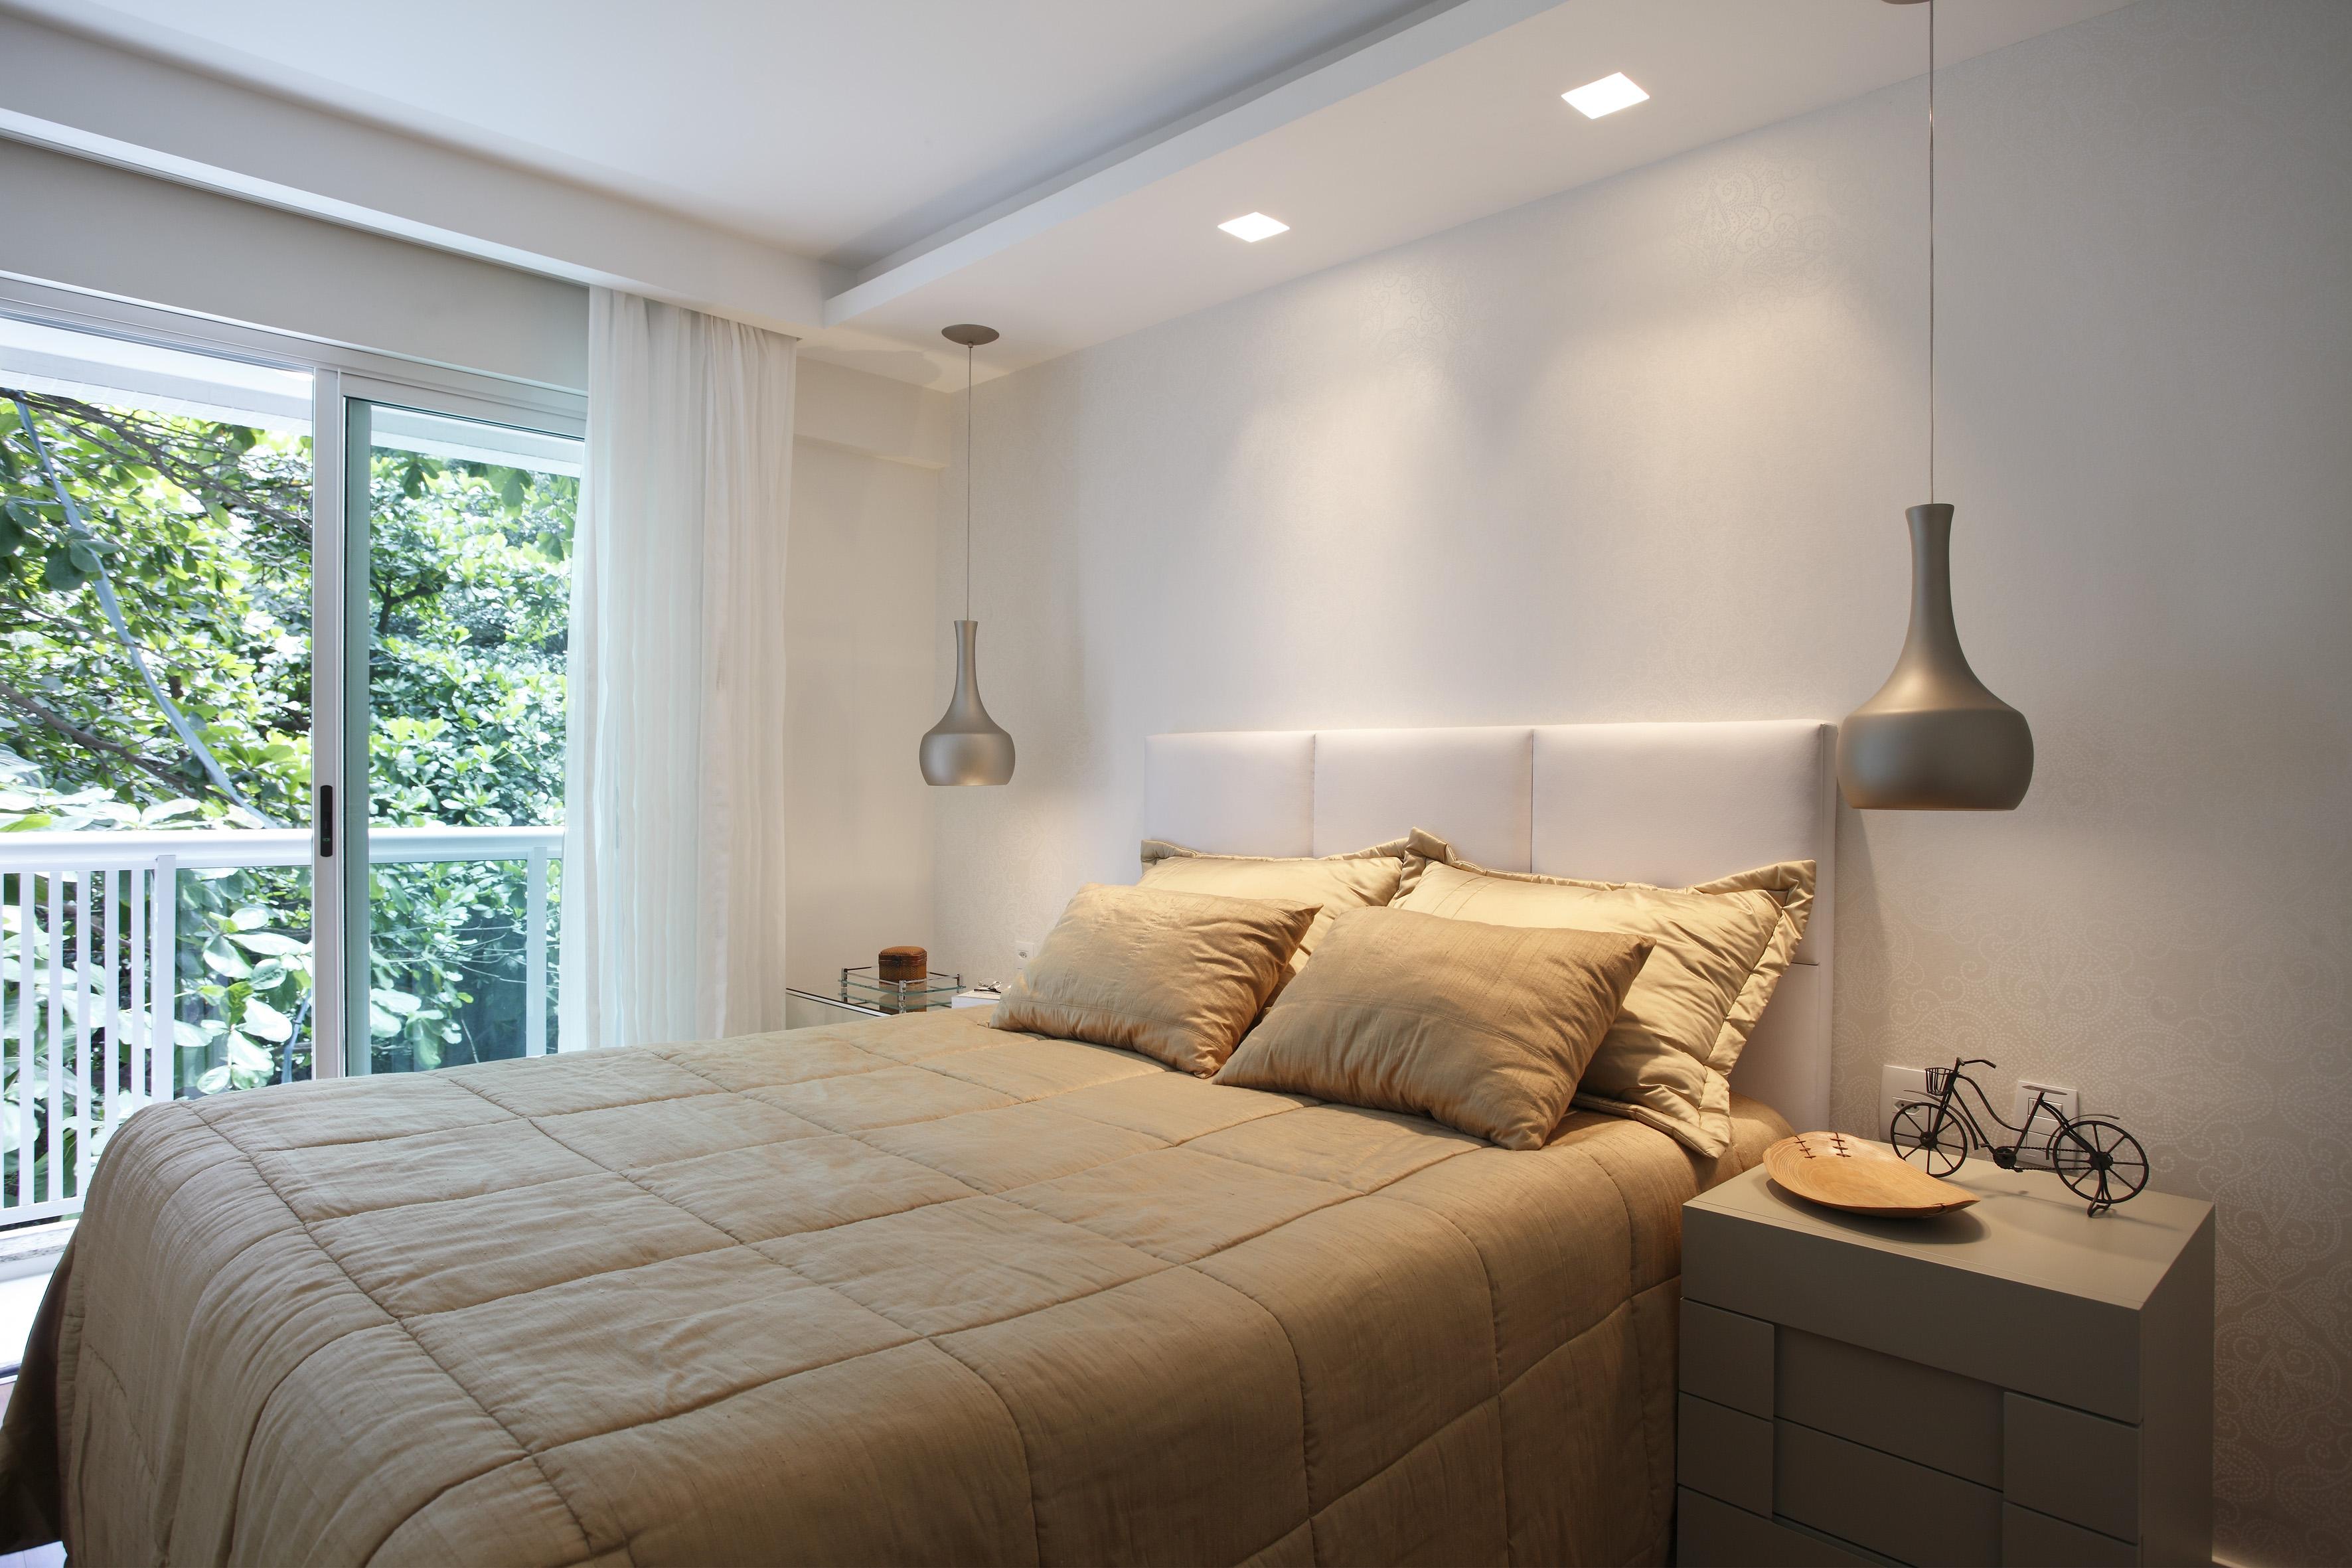 Foto Quarto Iluminado De Ana Camila Vieira 898647 Habitissimo ~ Decoração Quarto Casal Apartamento